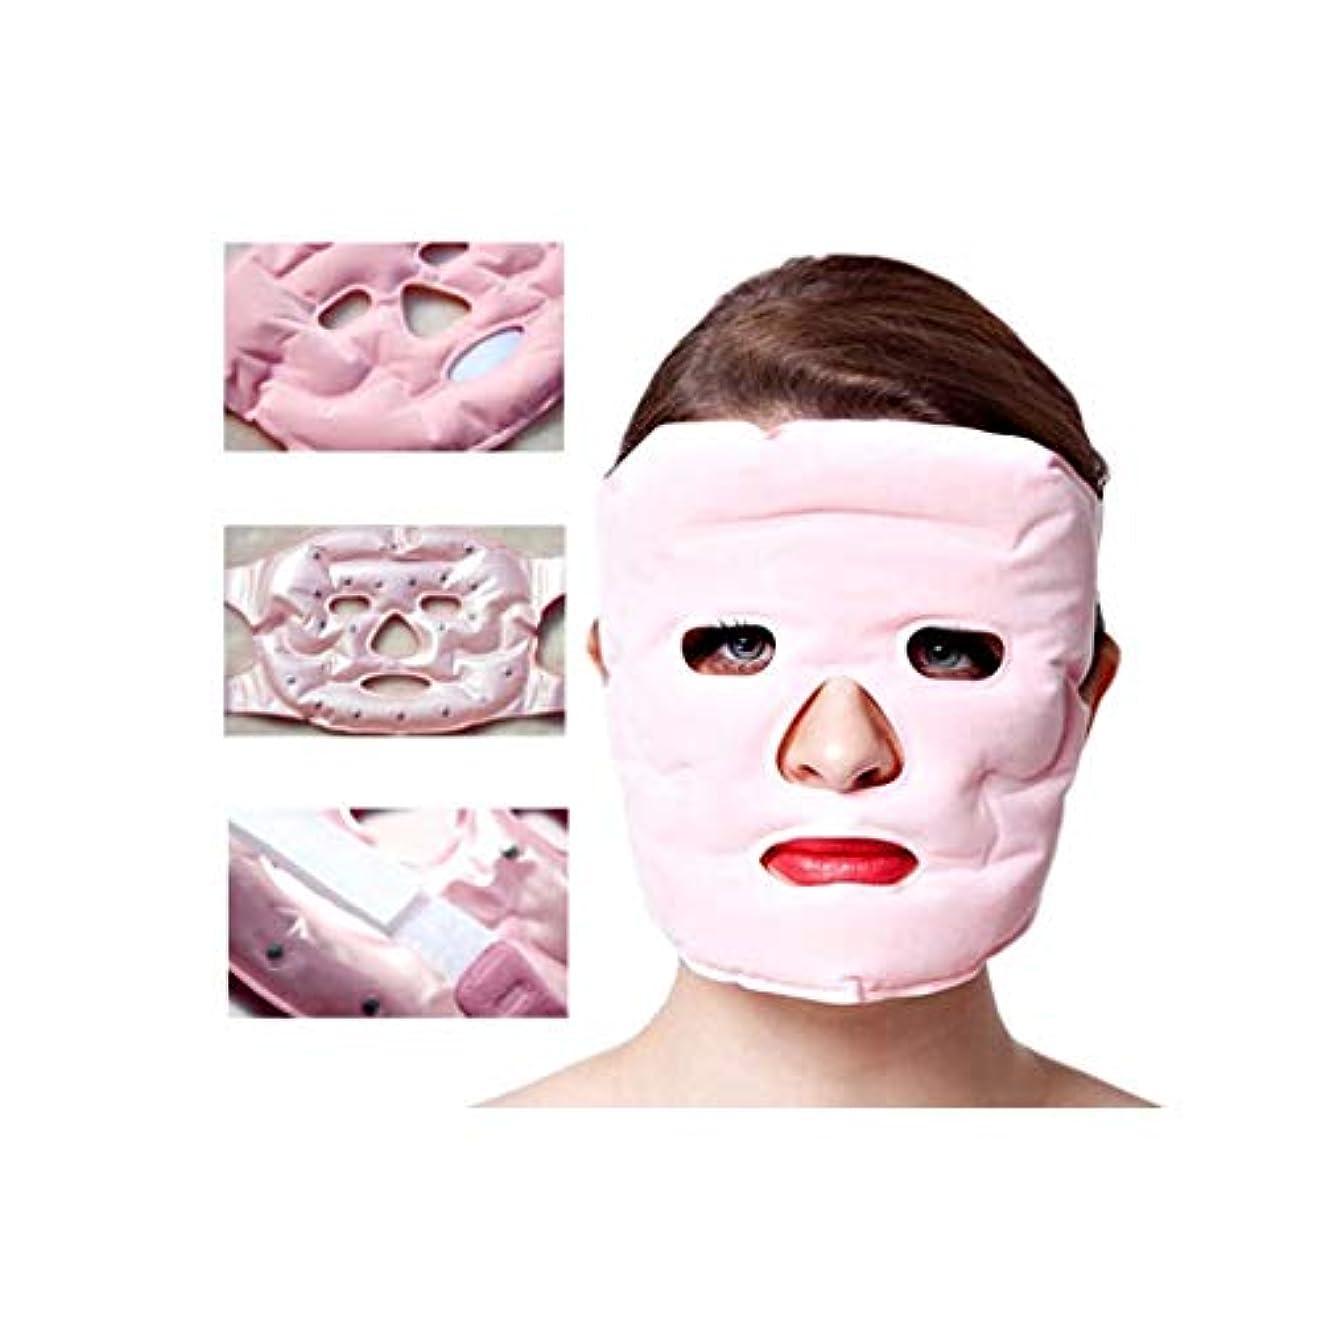 過剰良さちっちゃいフェイシャルスリミング、Vフェイスマスク、フェイスリフティングビューティーマスク、磁気療法リフティングフェイス、肌の状態を改善するための肌の頬の引き締め